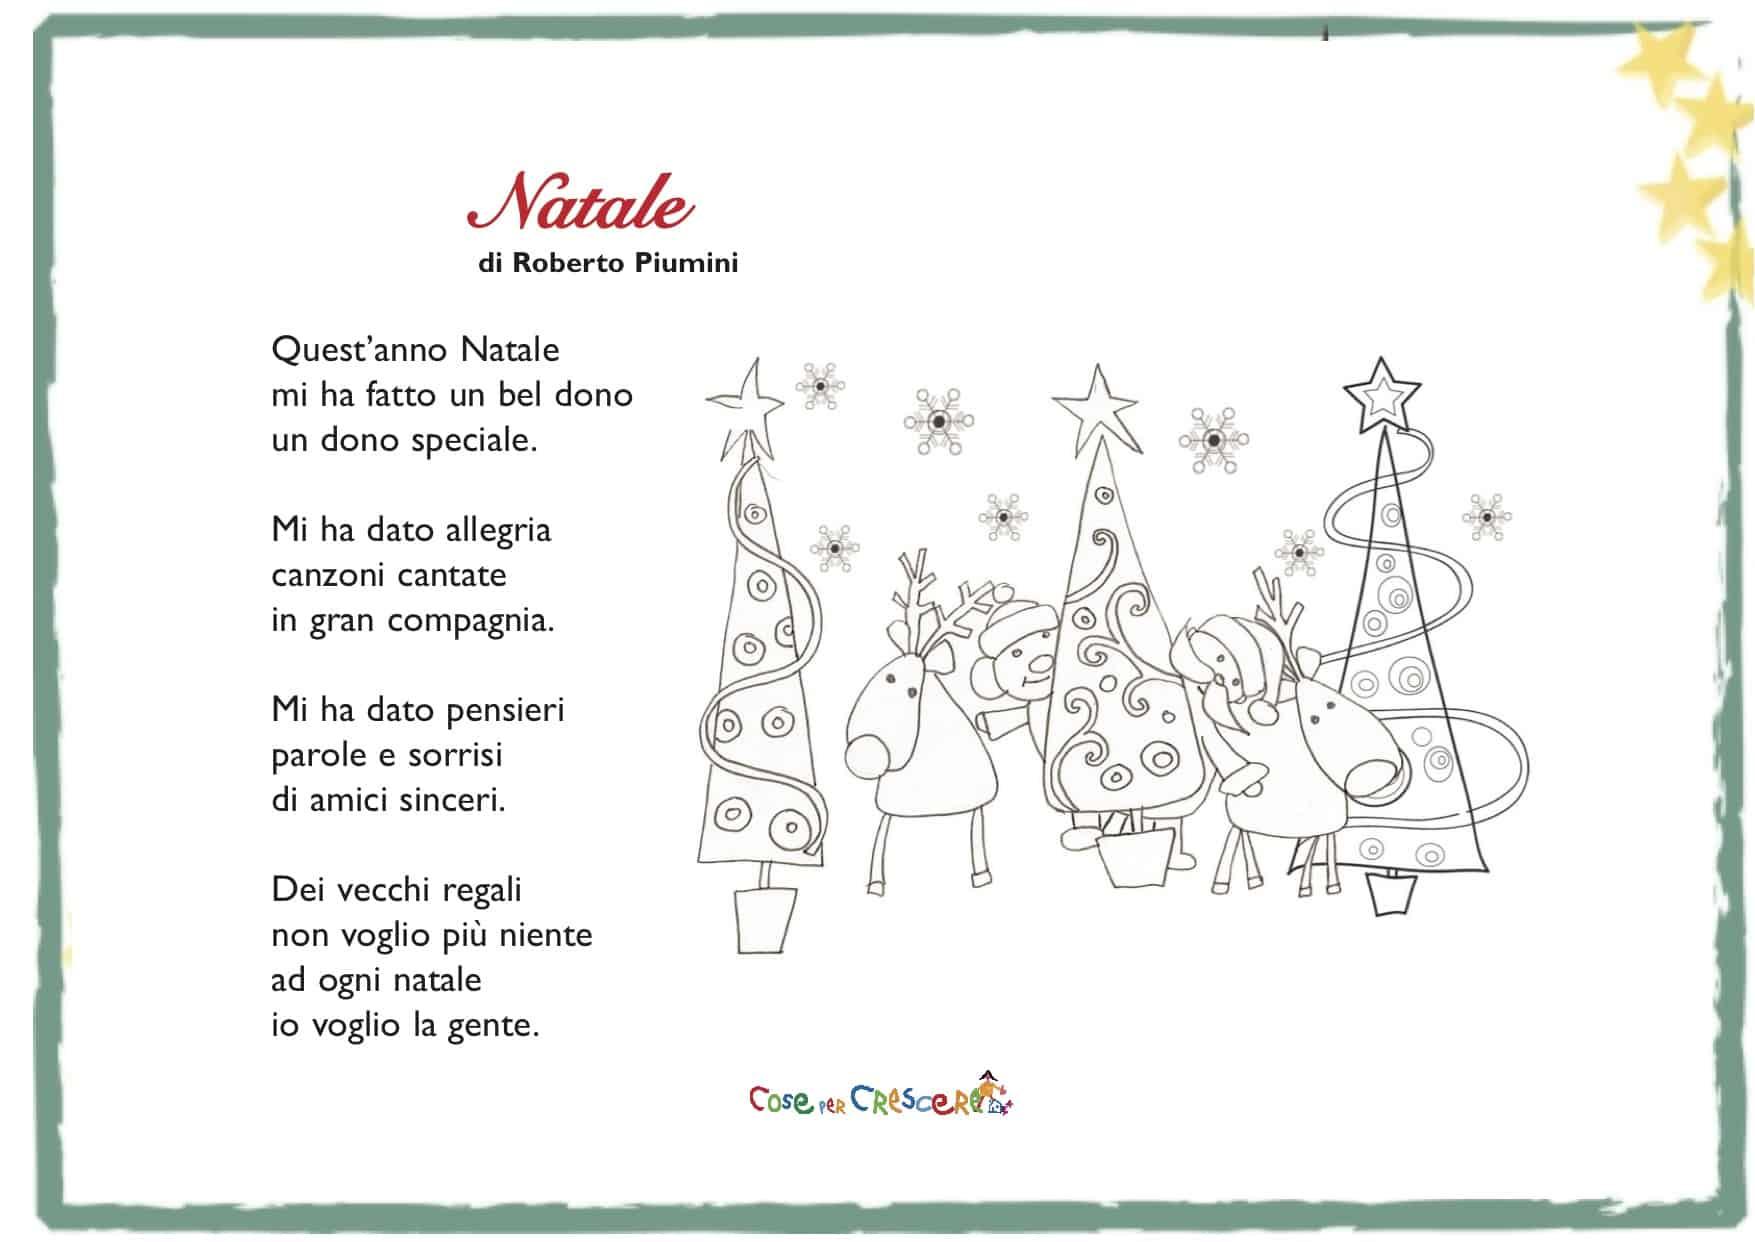 Poesie Di Natale Facili.Natale Poesia Di Roberto Piumini